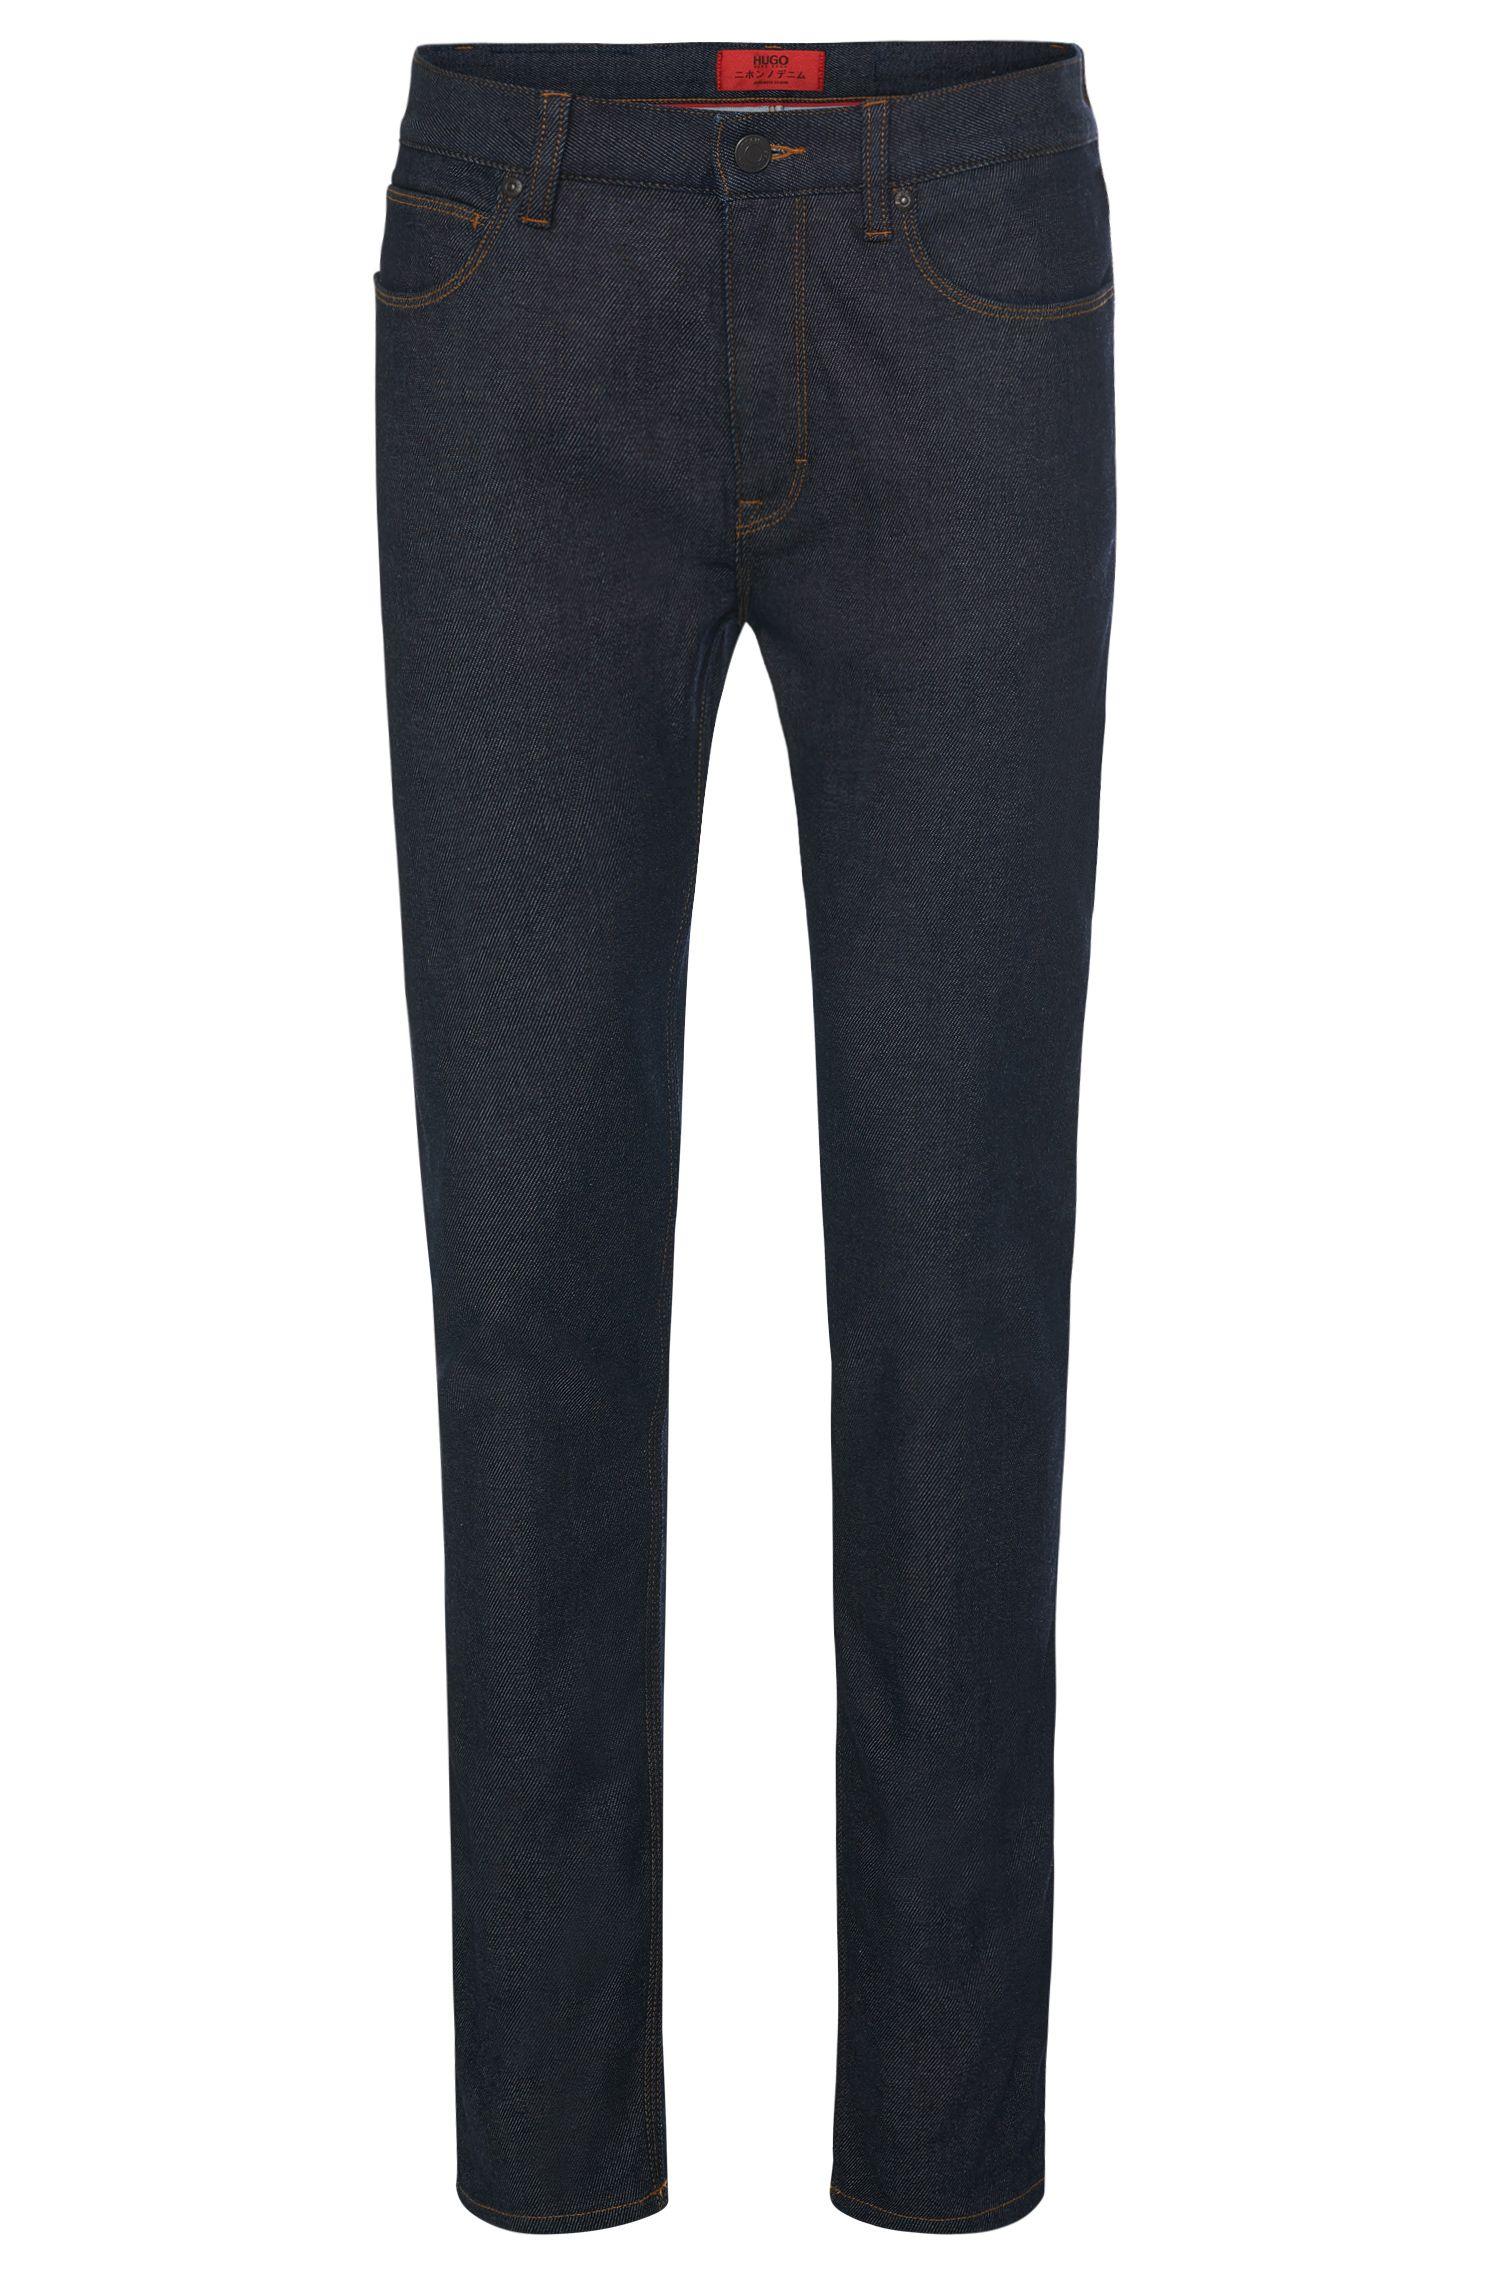 'Hugo 734' | Skinny Fit, 10 oz Japanese Cotton Blend Jeans